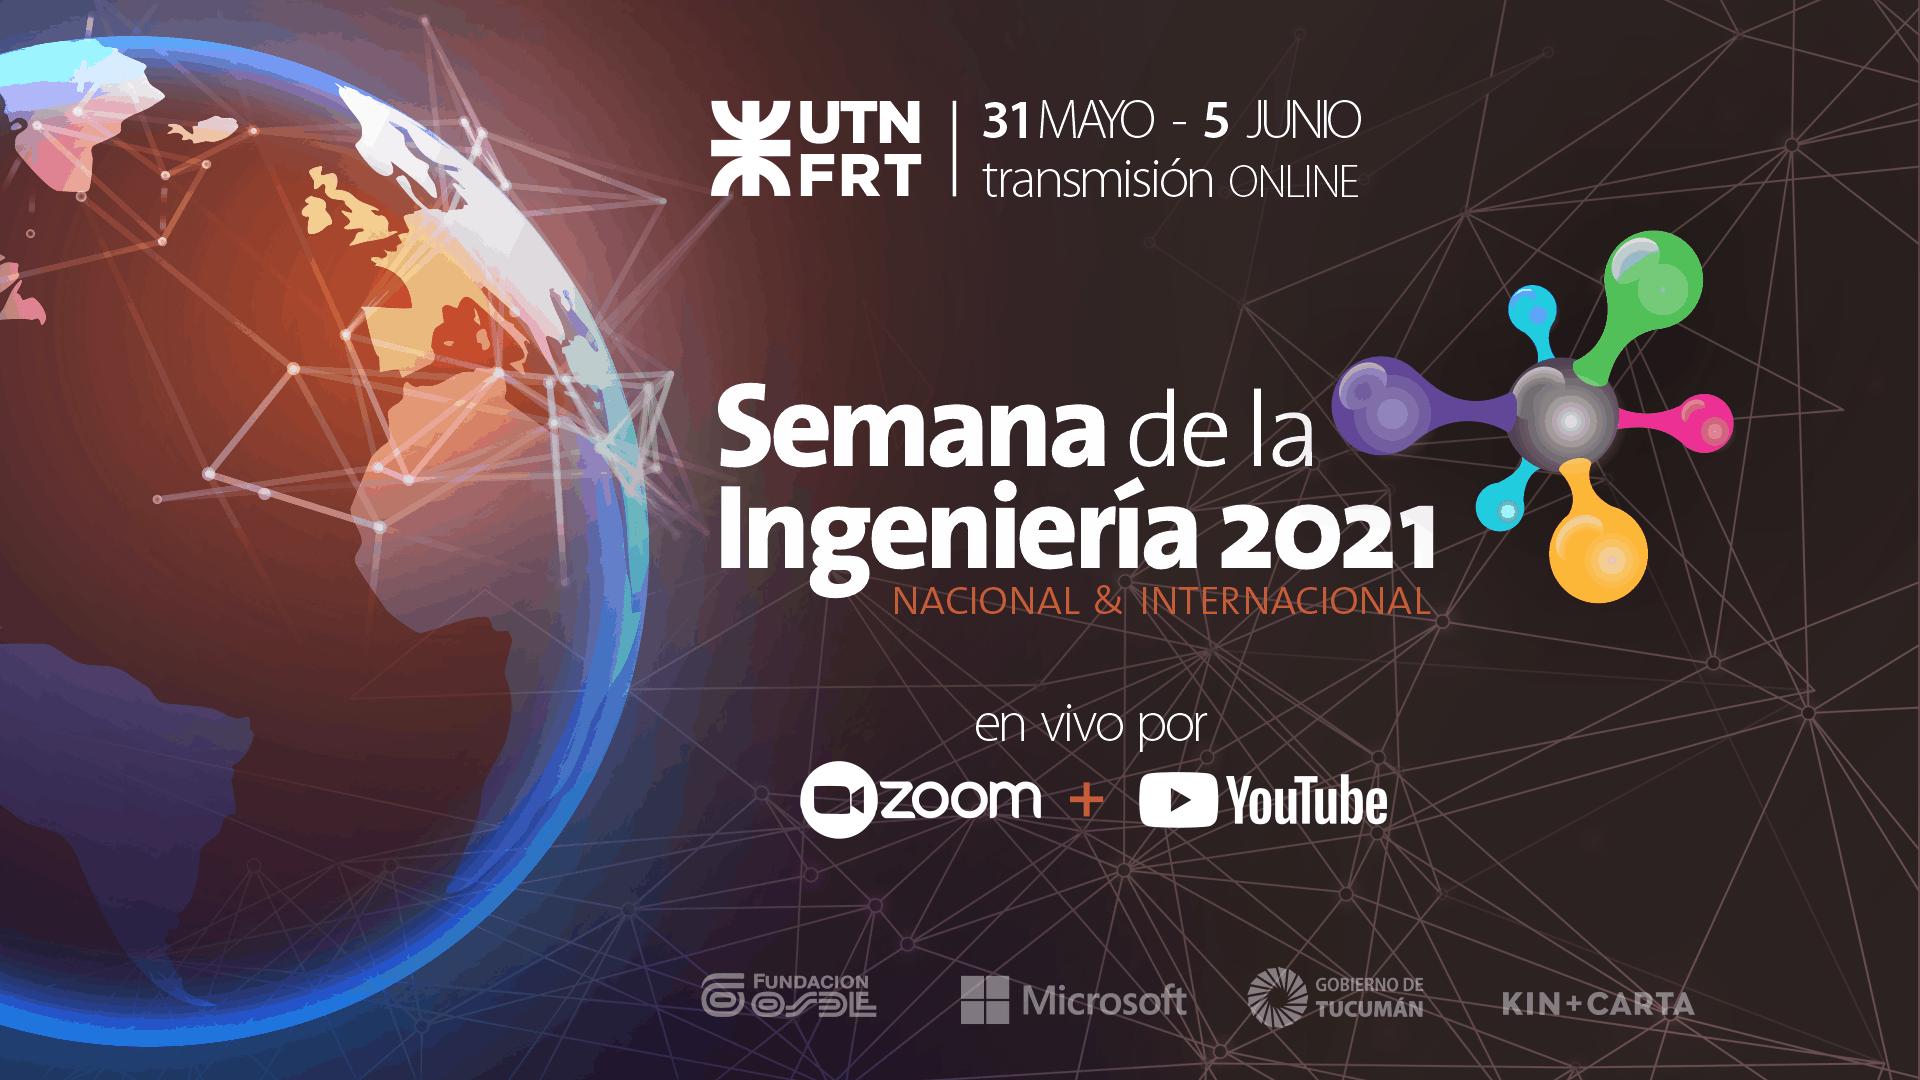 Semana de la Ingeniería 2021 Nacional e Internacional en UTN